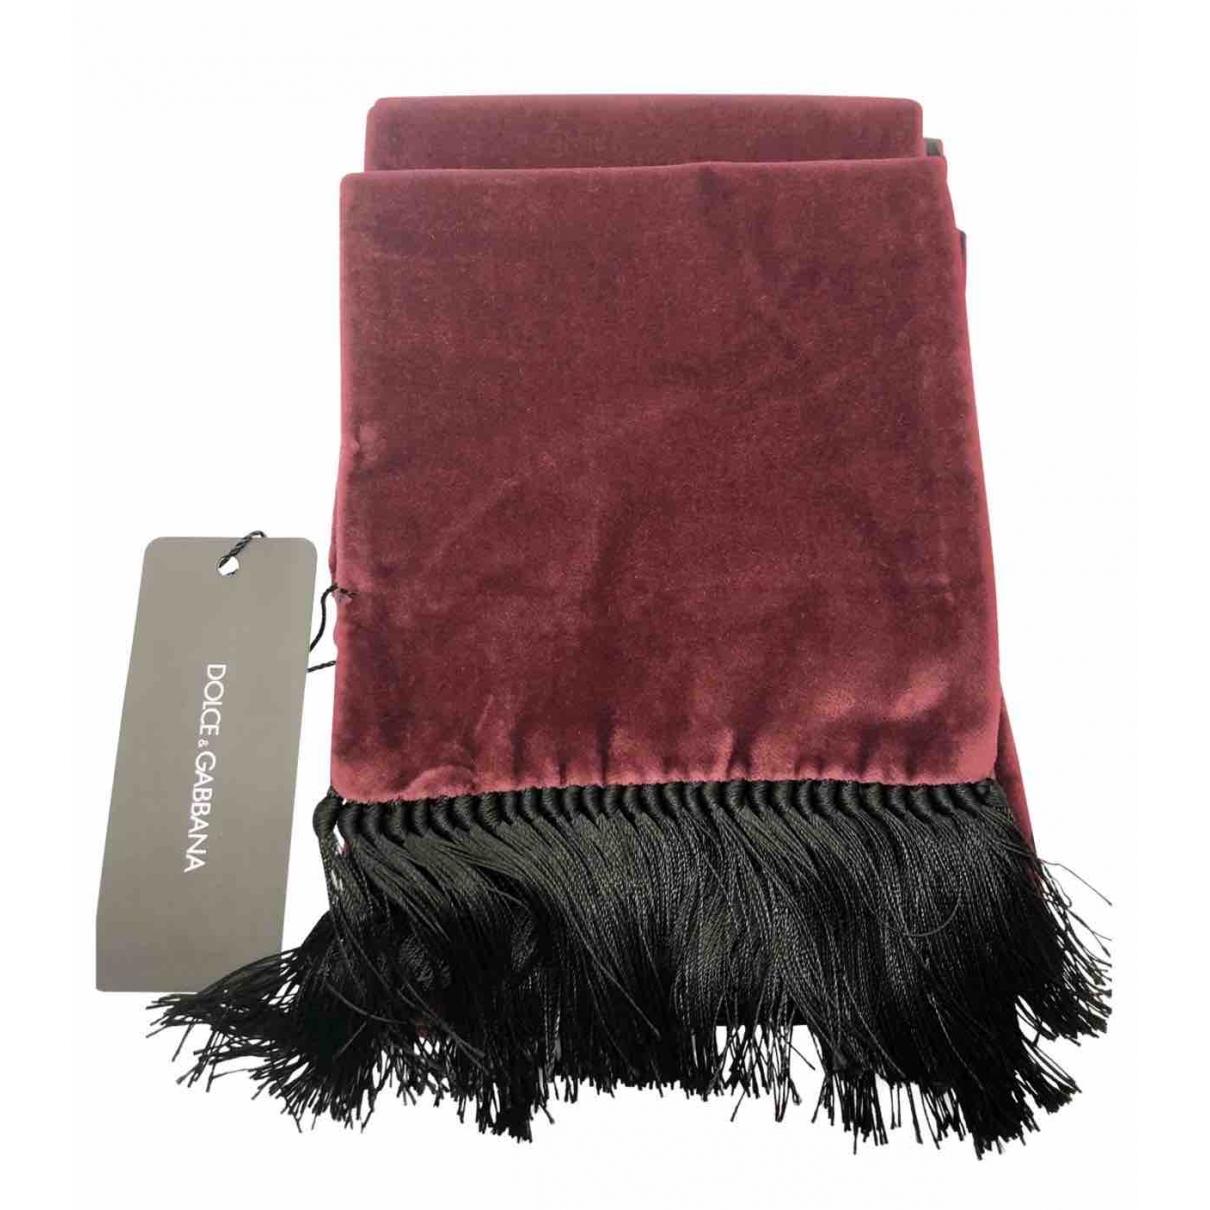 Pañuelo / bufanda Dolce & Gabbana